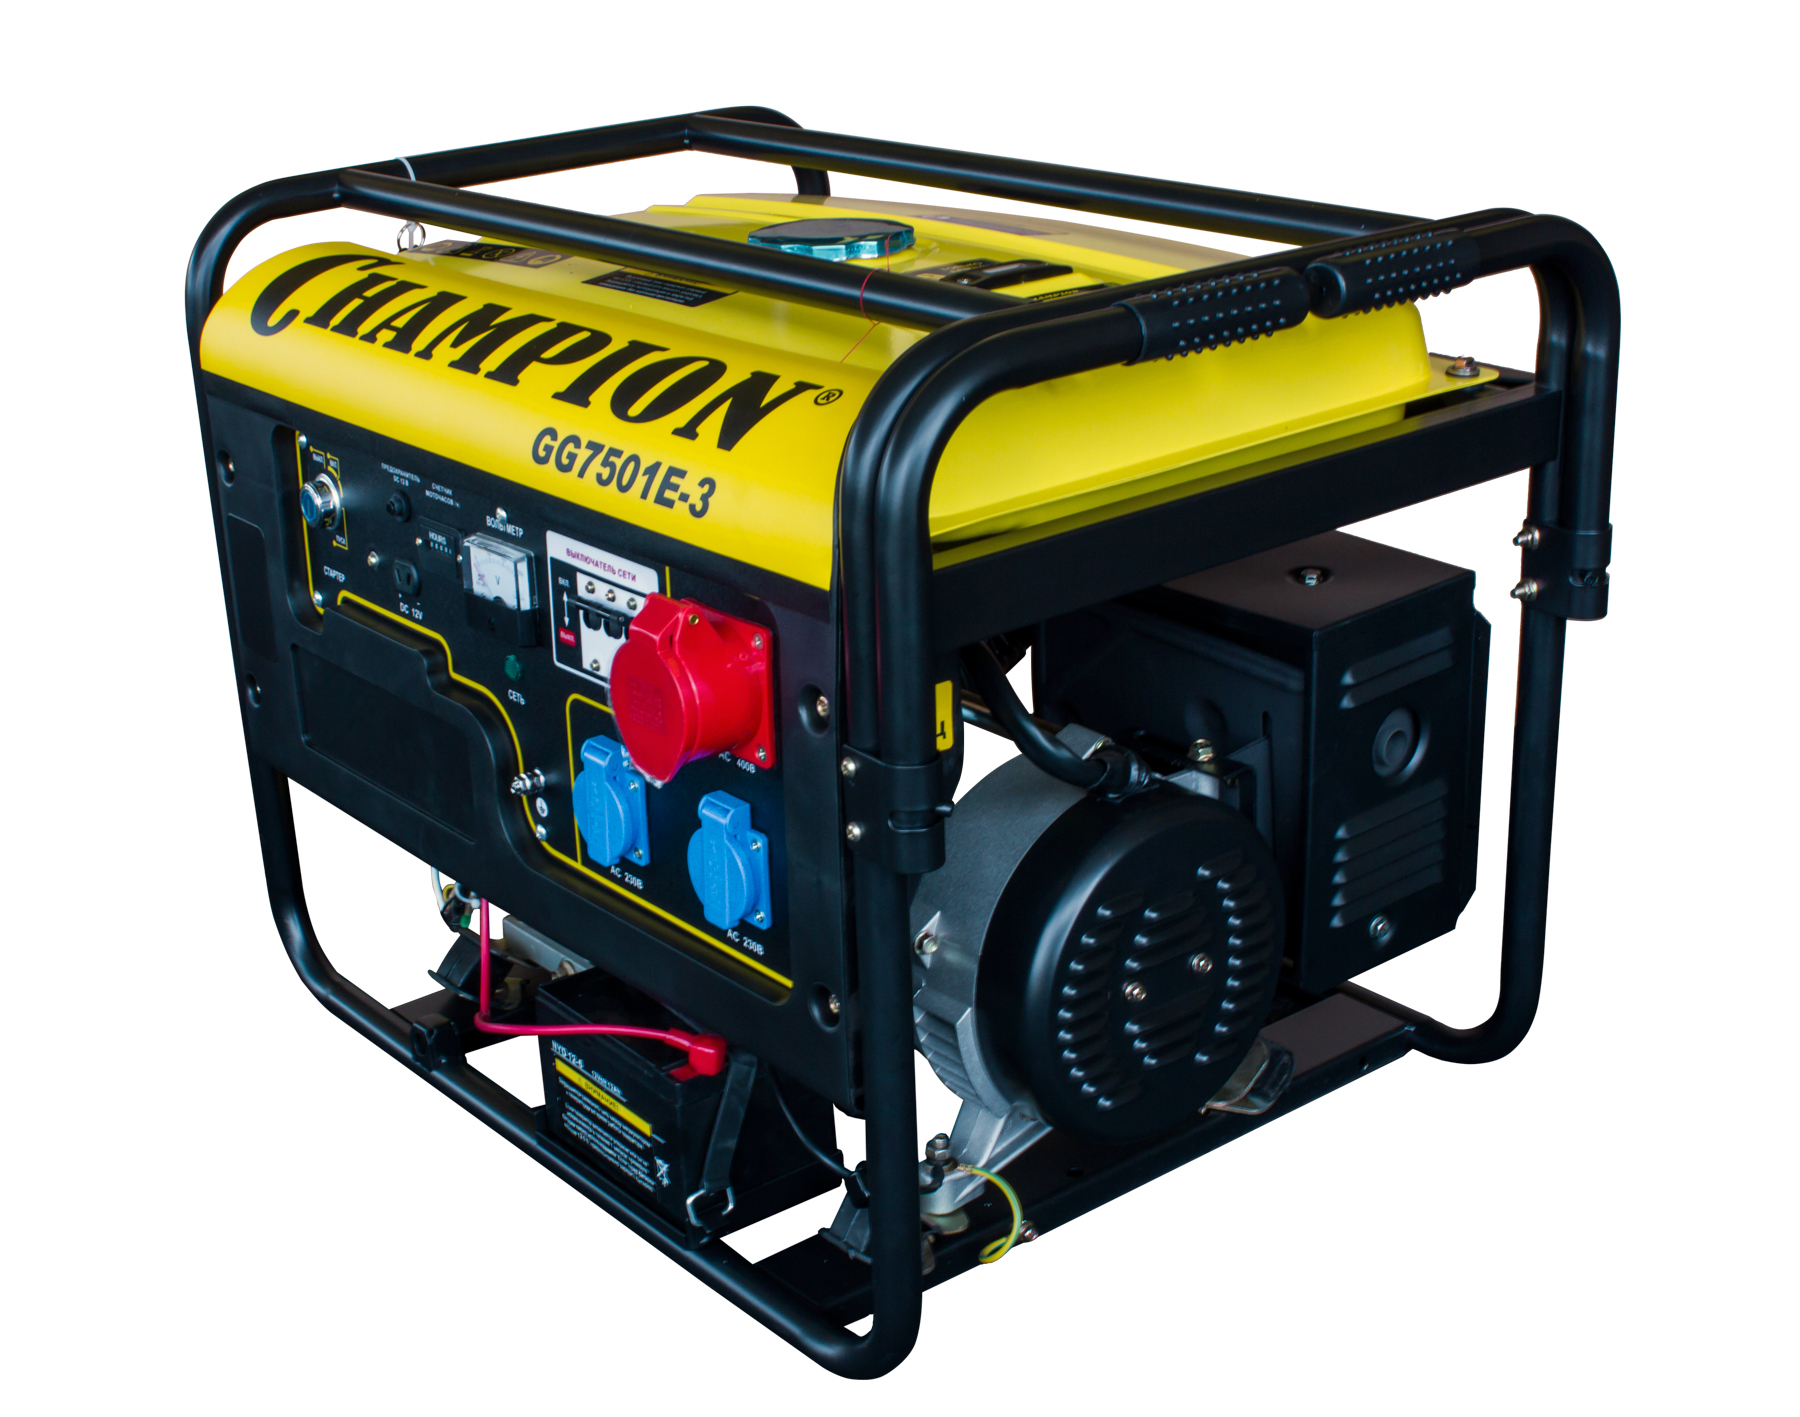 Бензиновый генератор Champion Gg7501e-3 бензиновый генератор кратон gg 5500m